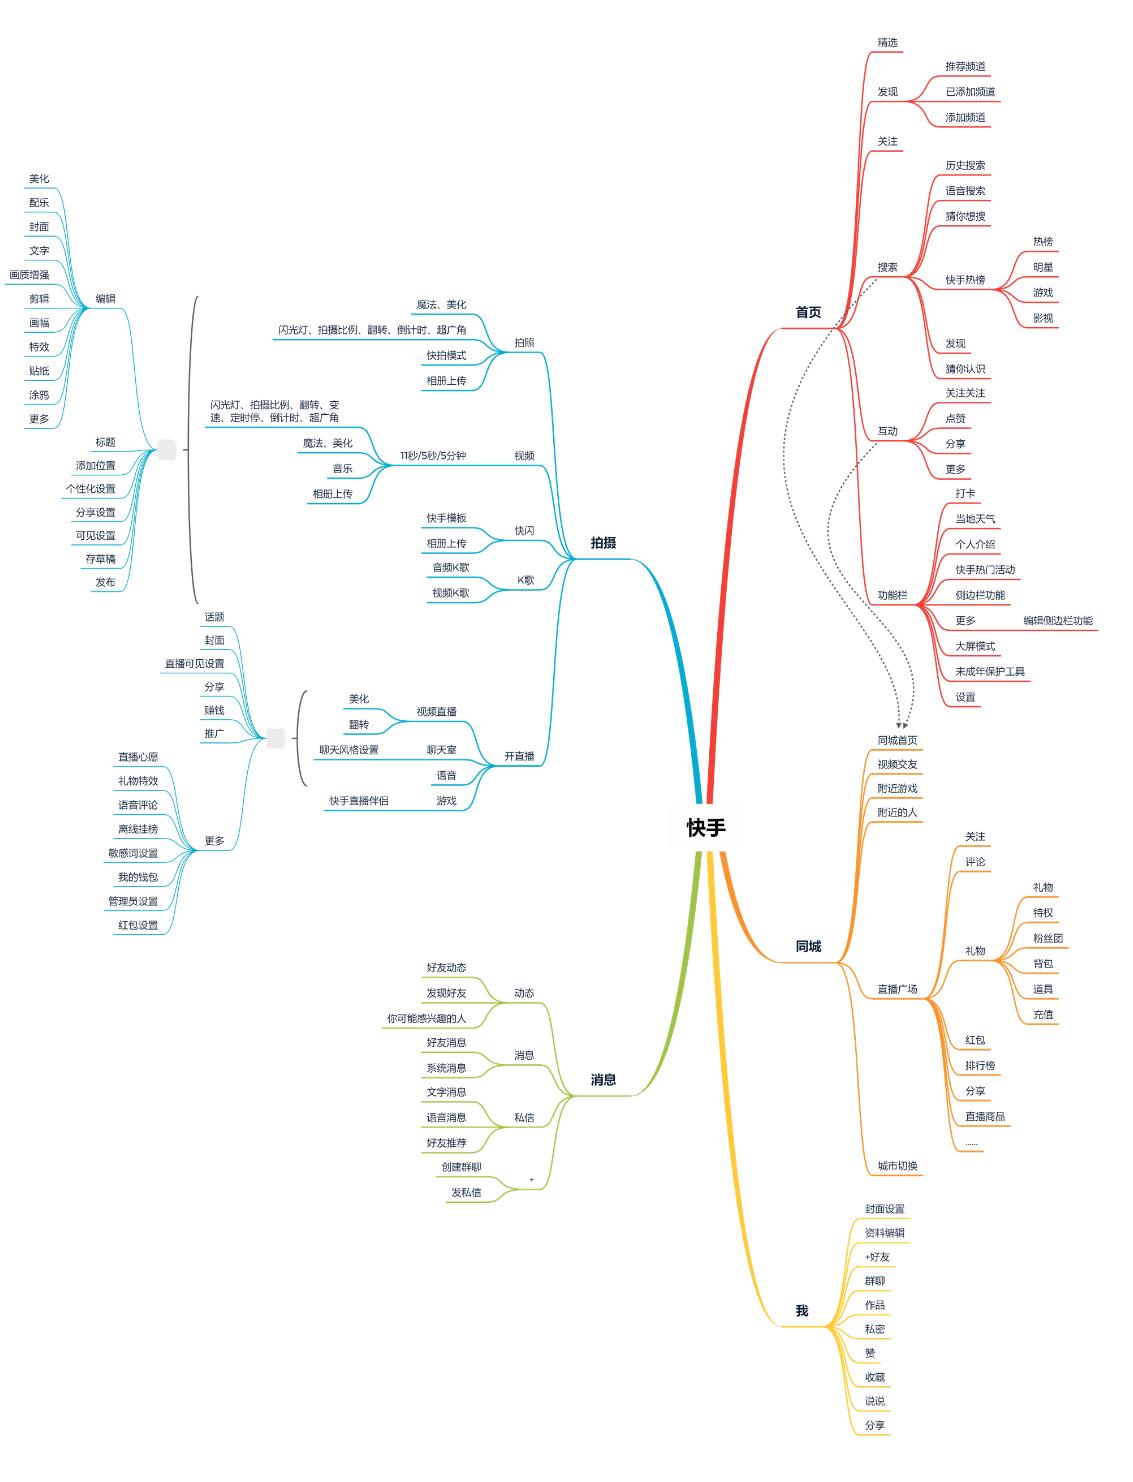 皮皮虾竞品分析报告插图16